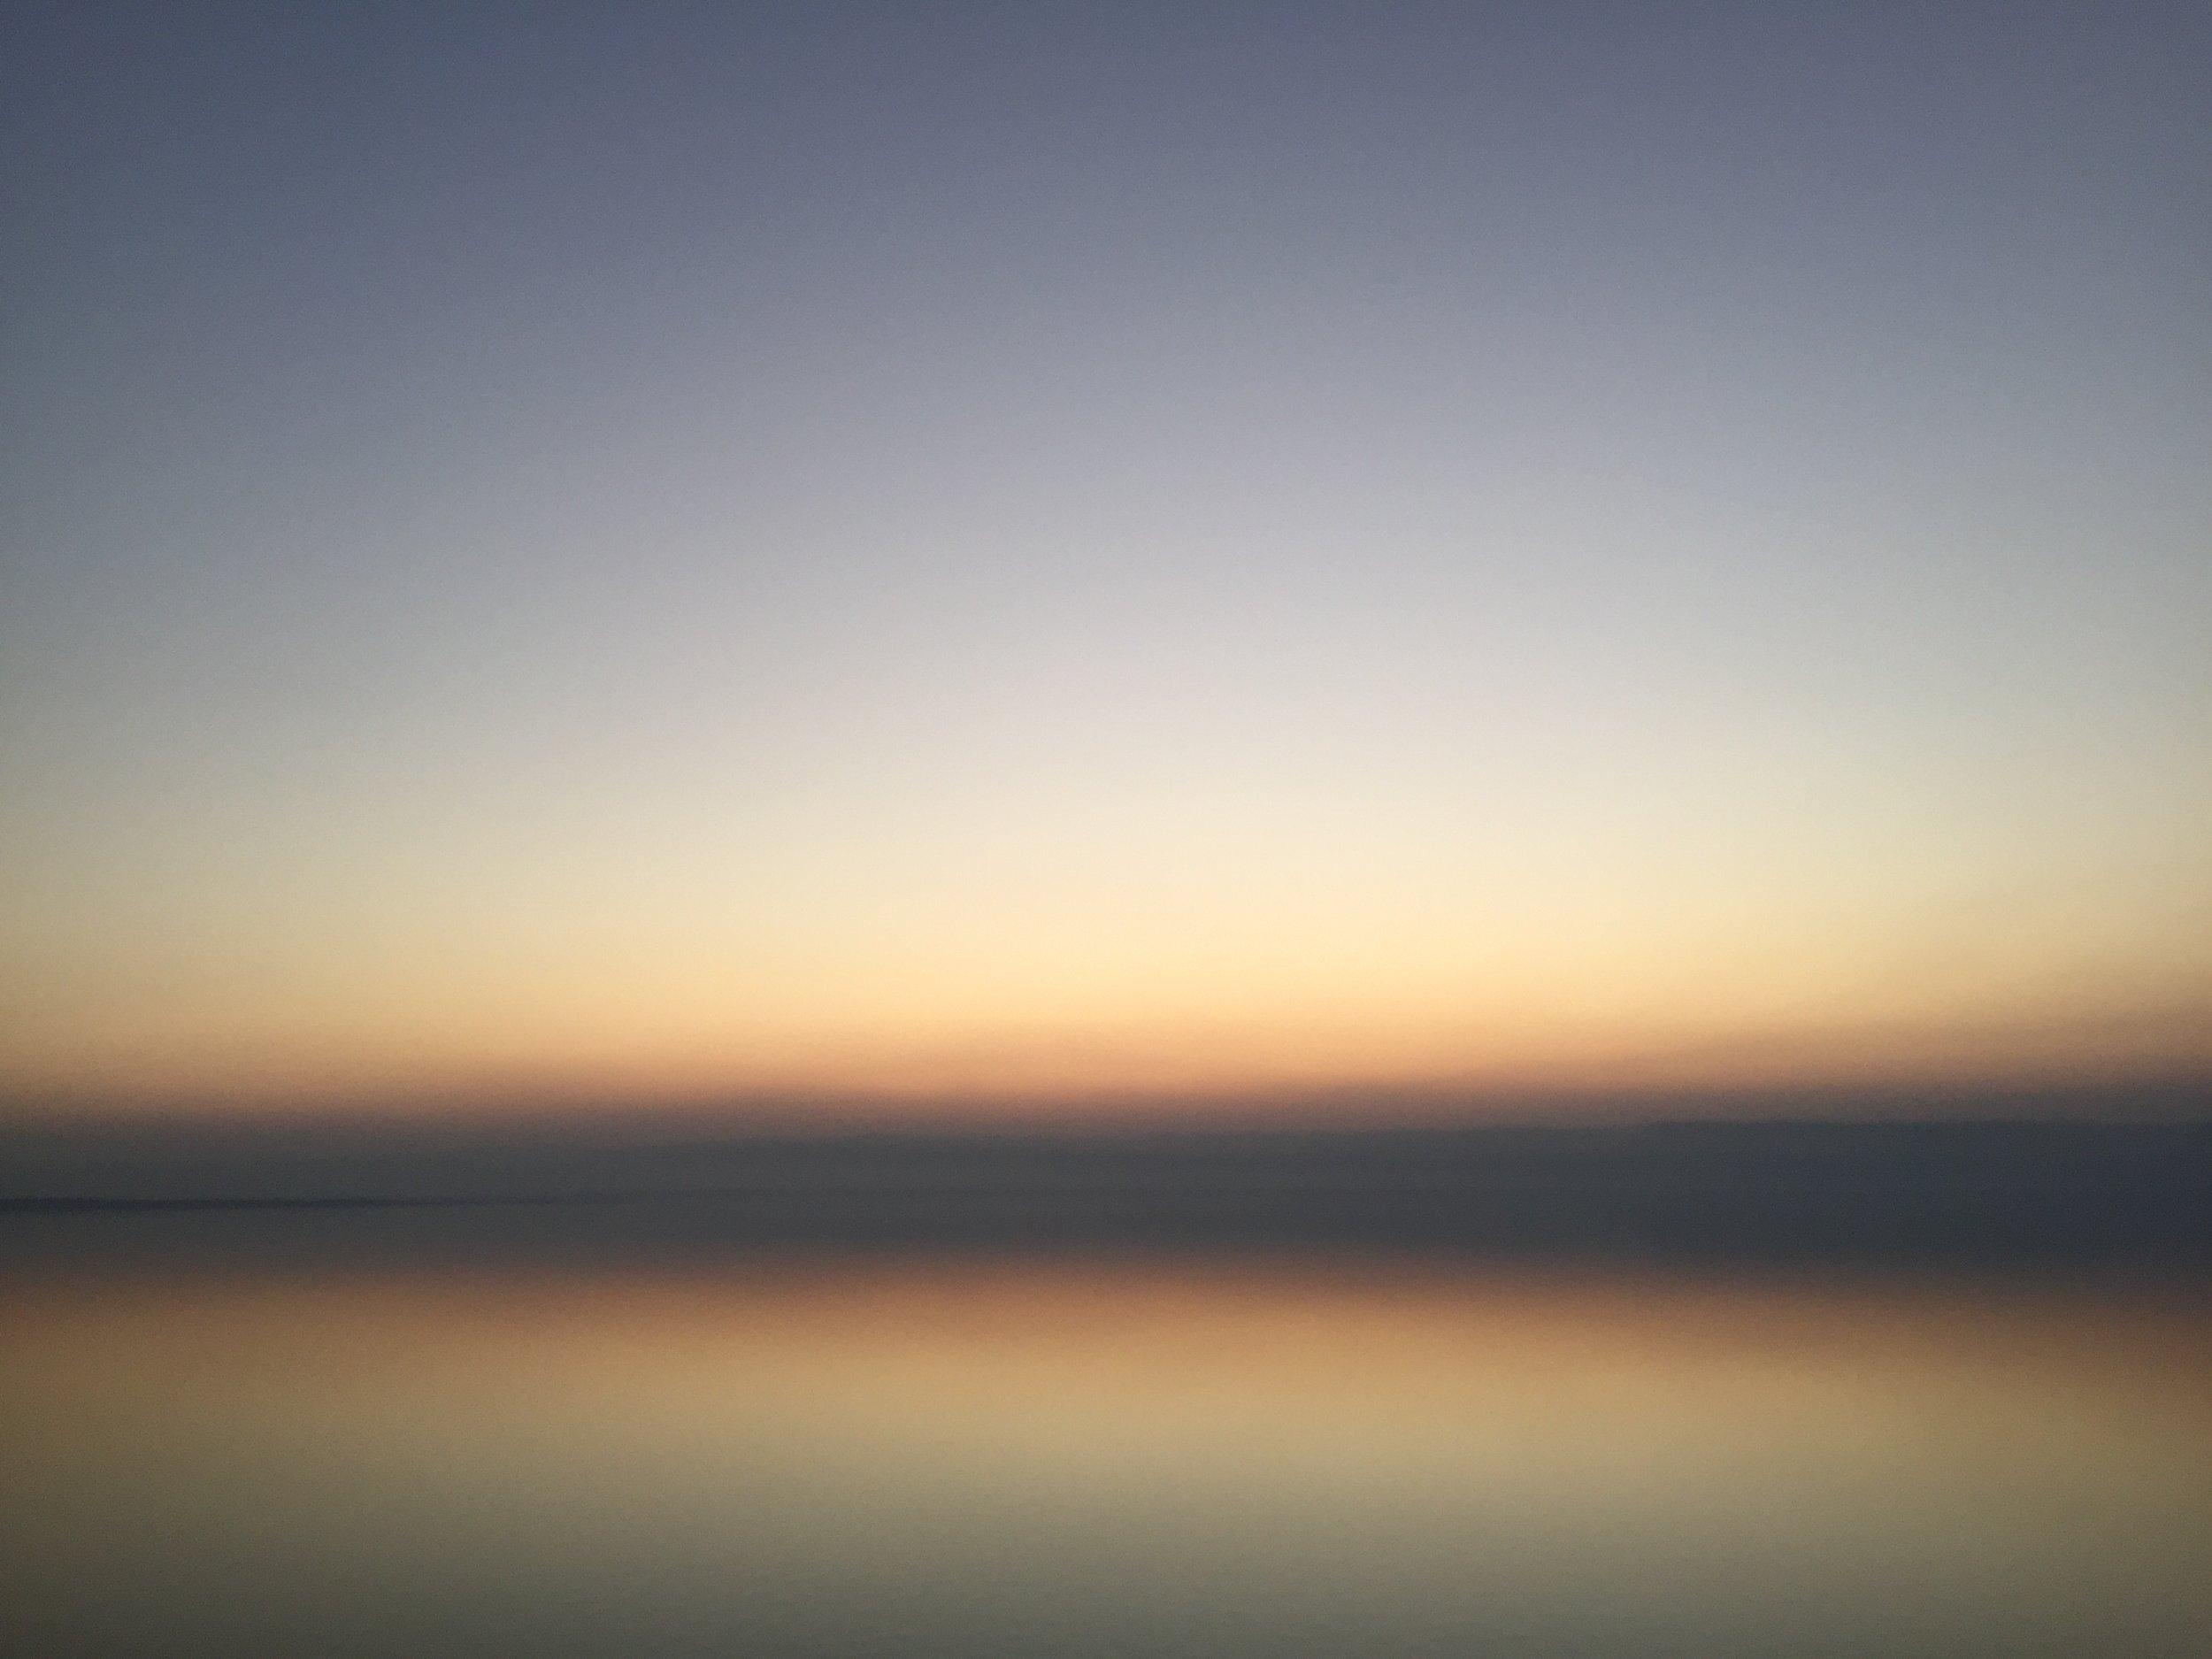 Dead sea - travel highlights